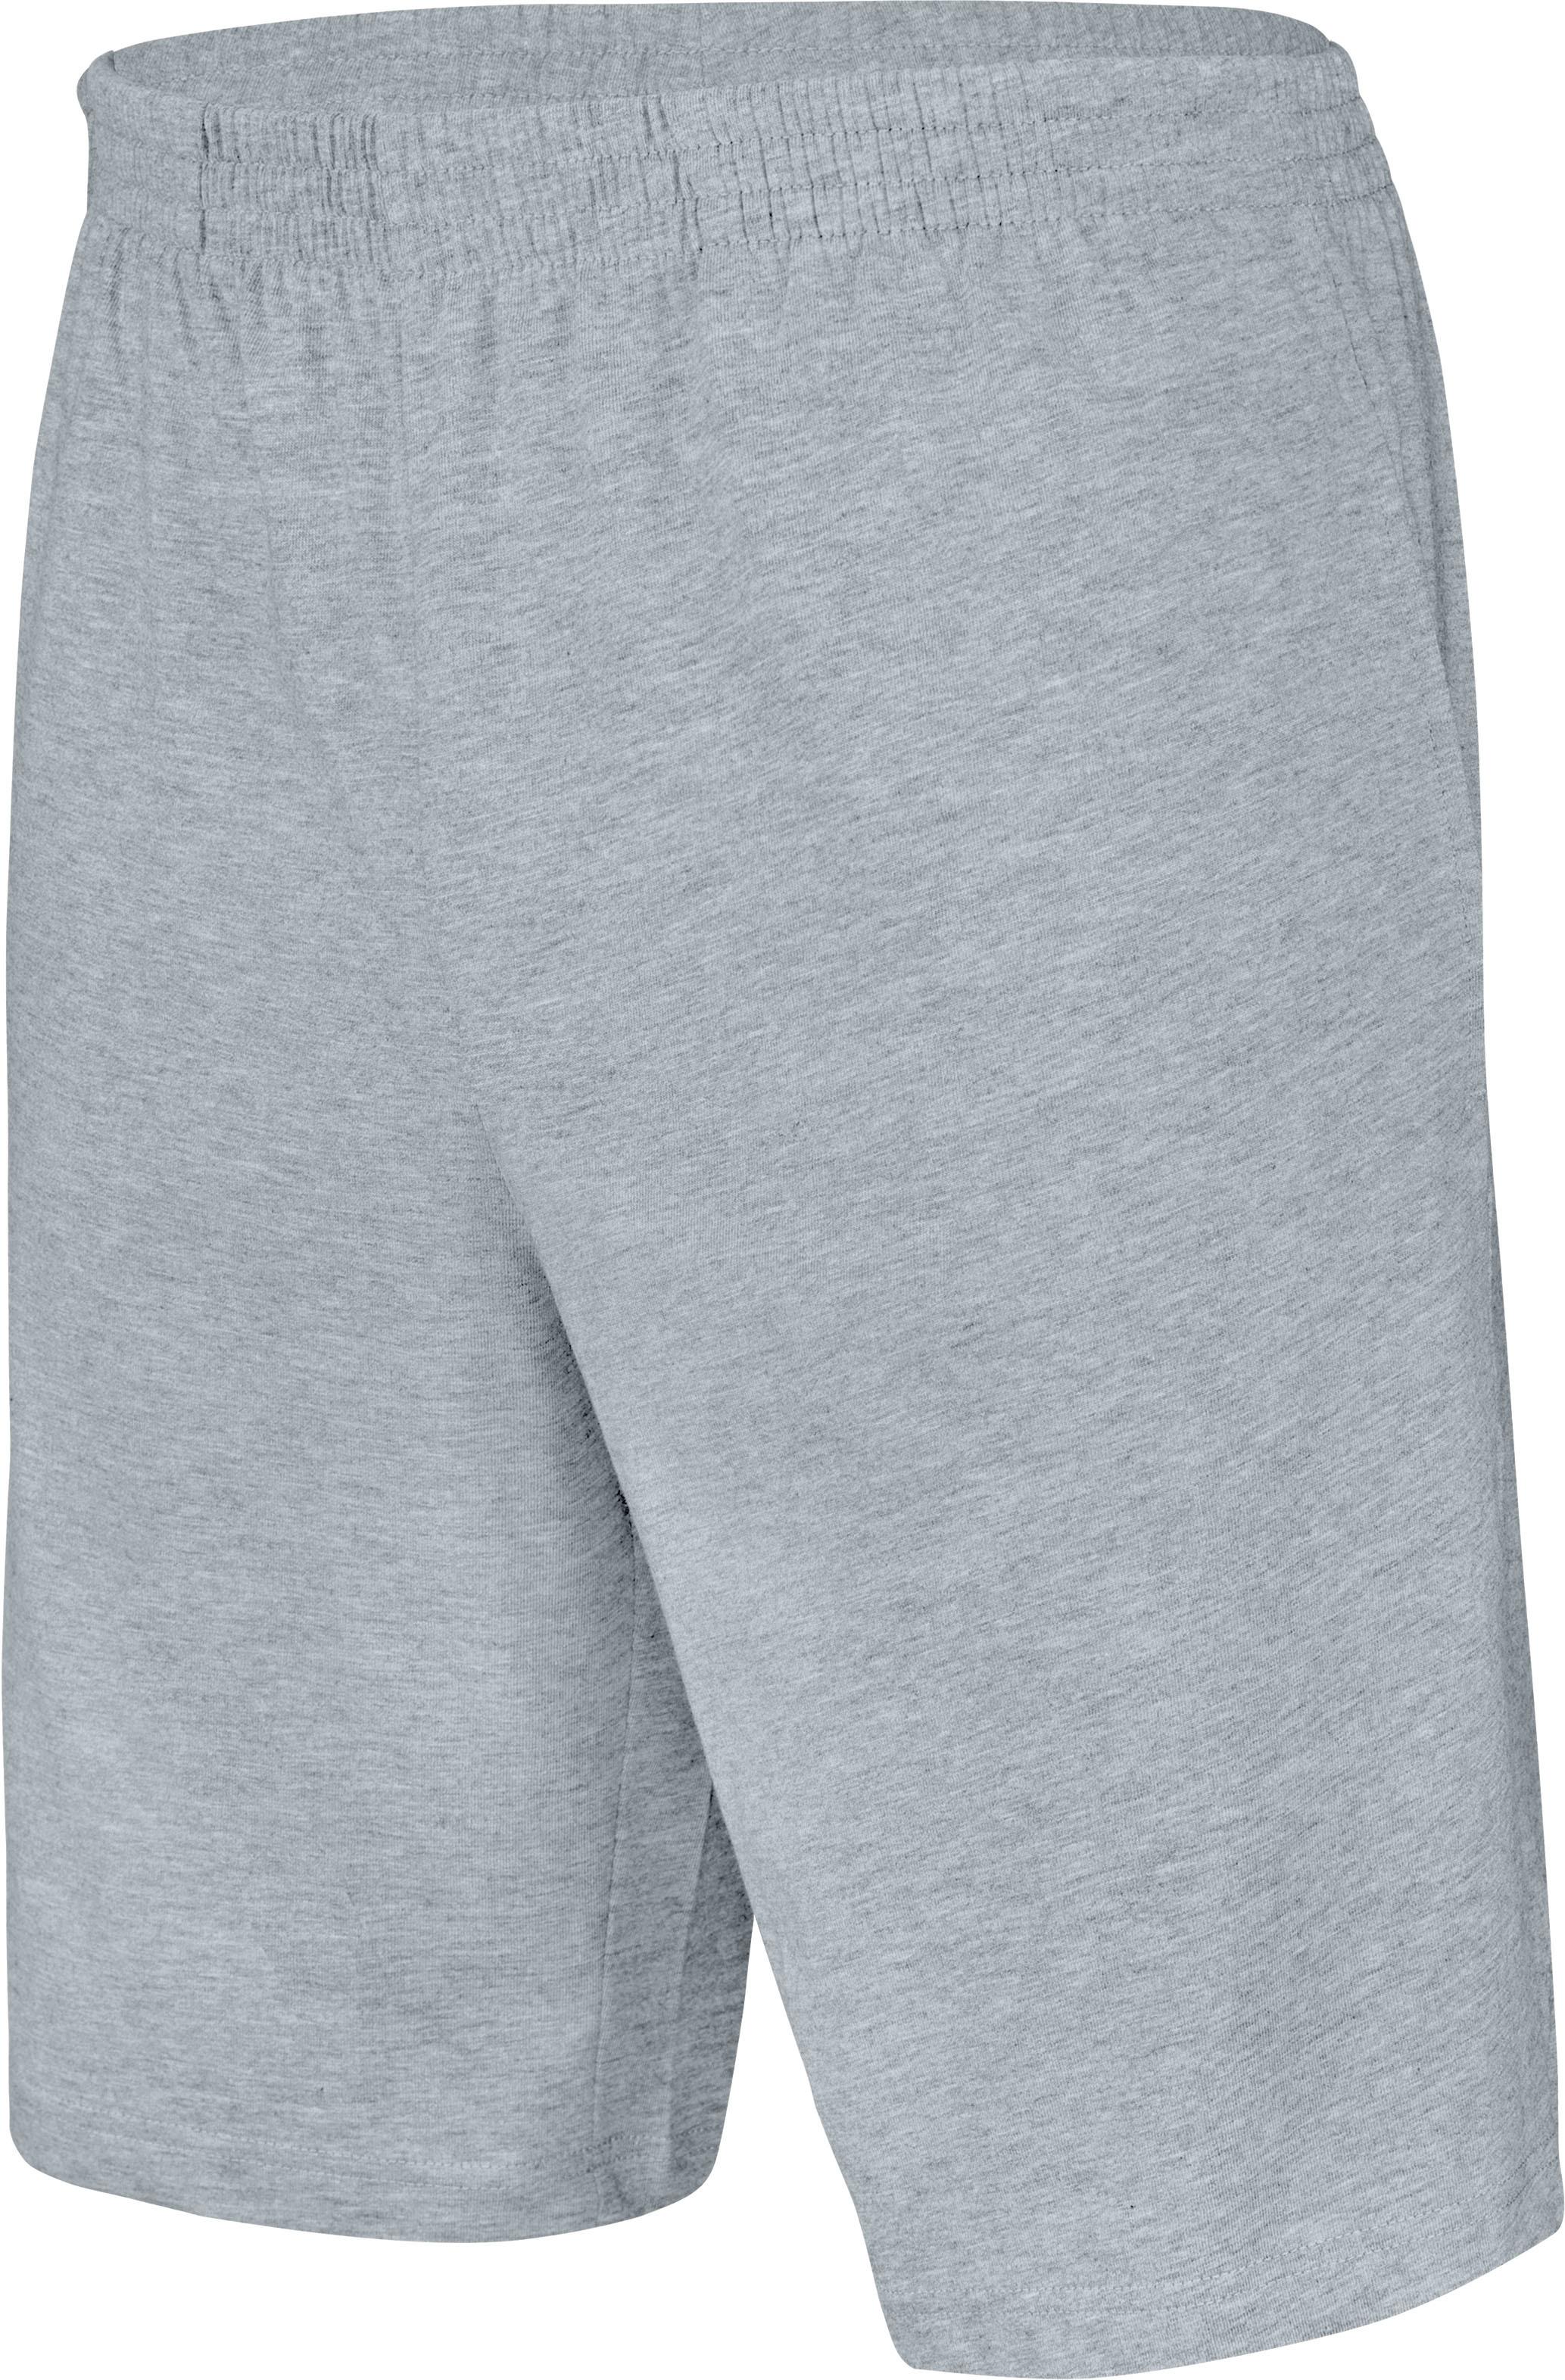 Short jersey sport